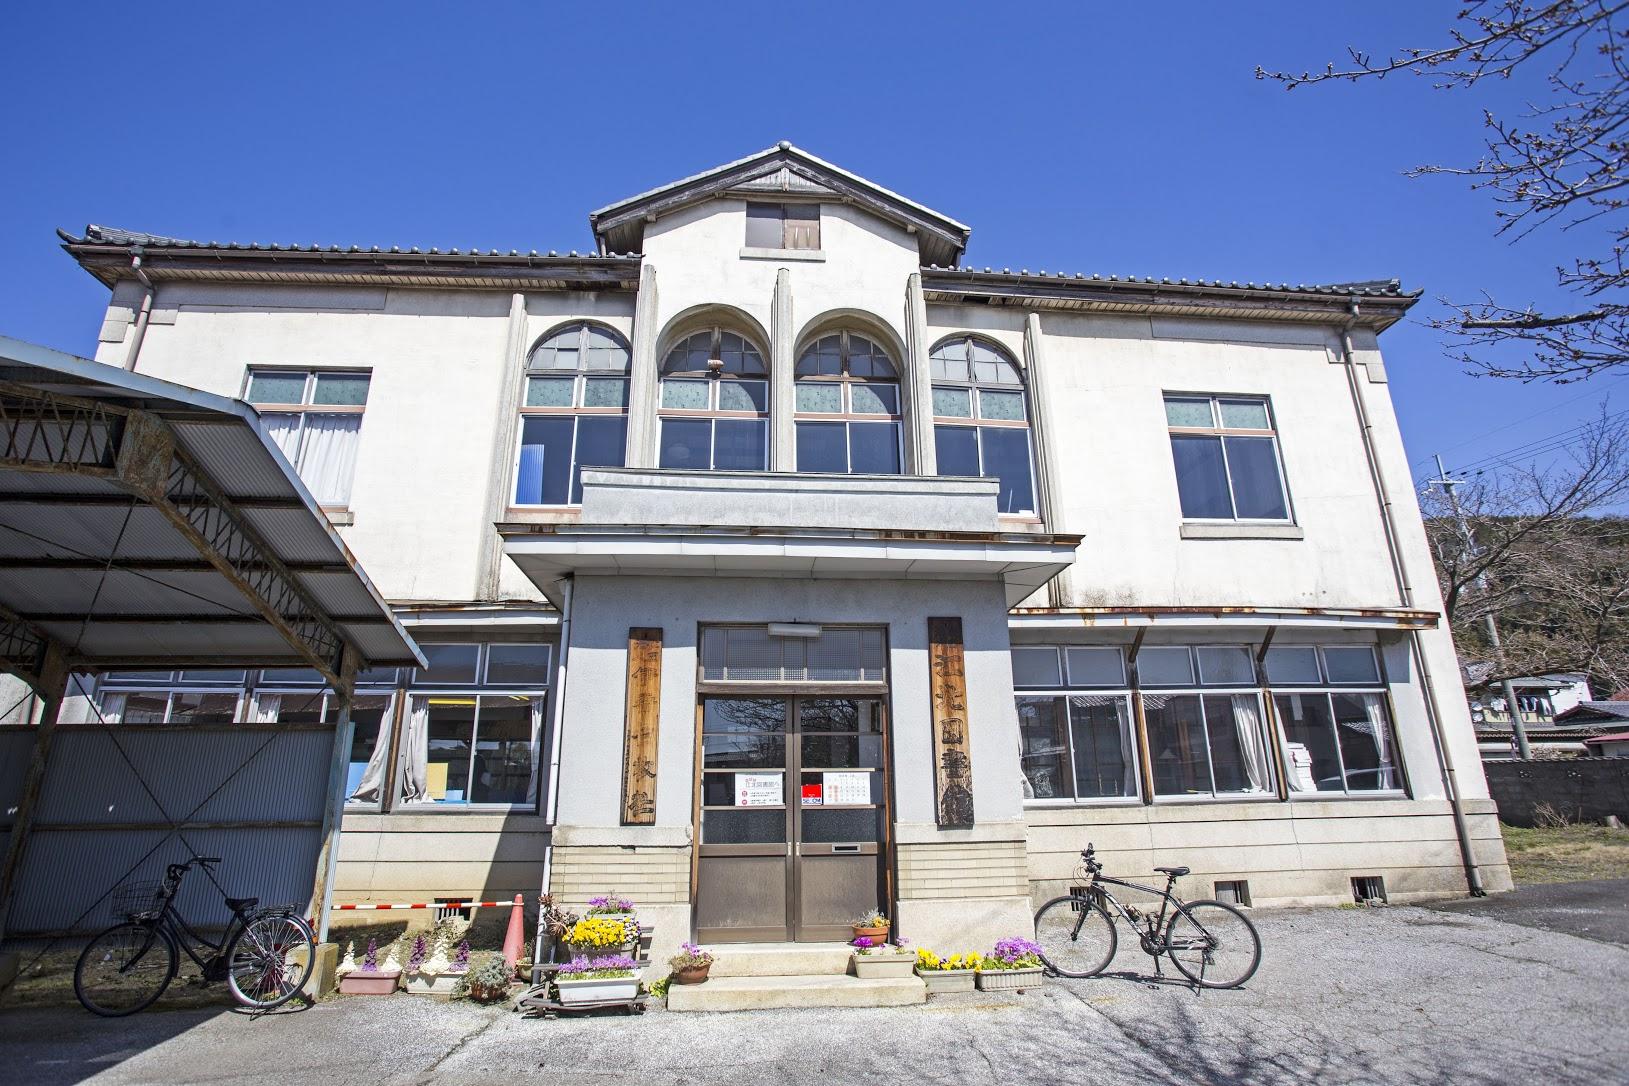 江北図書館(滋賀県長浜市木之本にある滋賀県で現存の最も古い図書館)